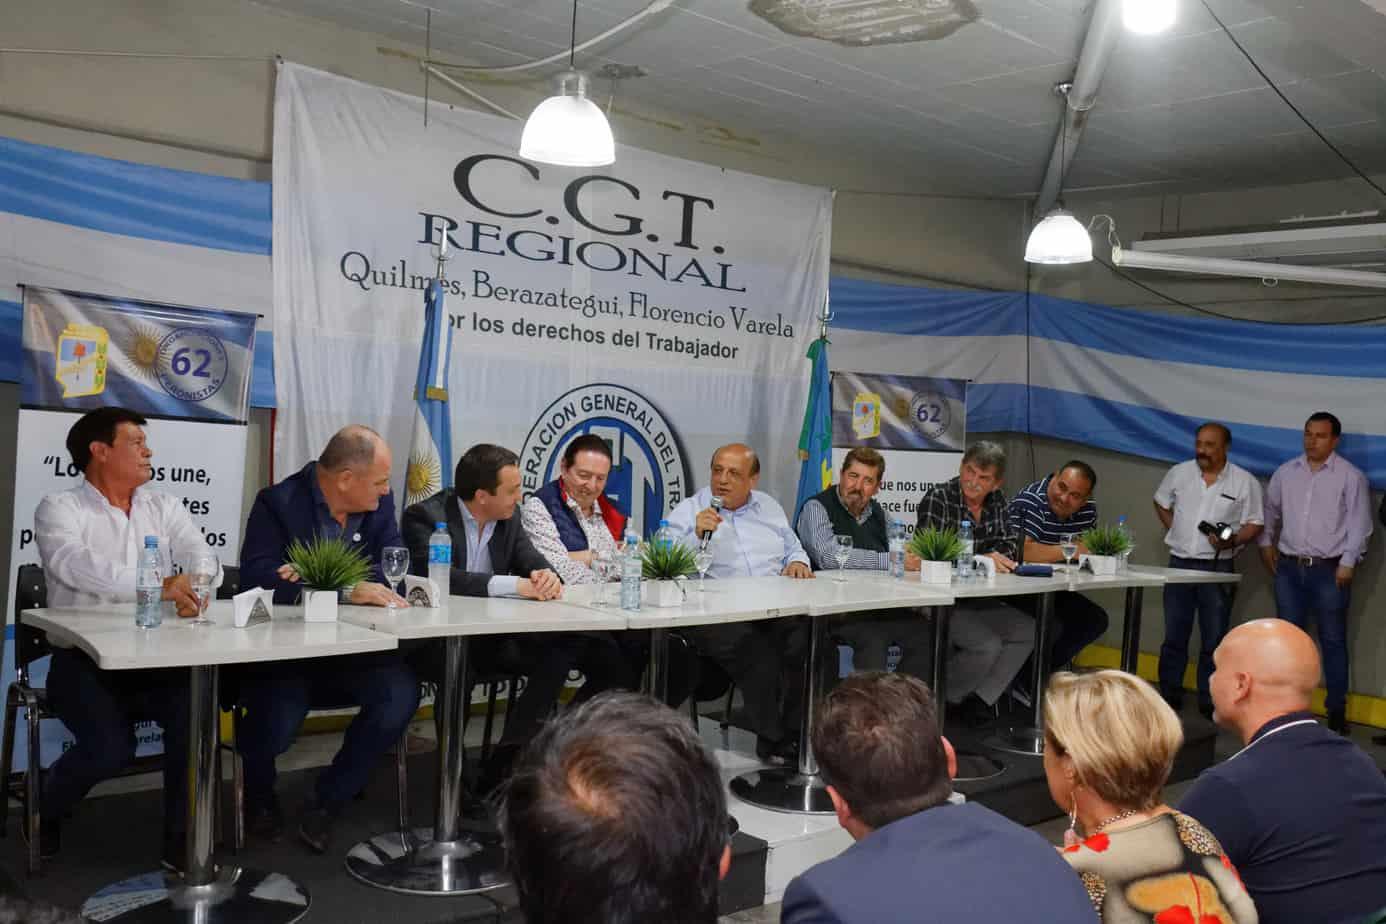 CGT REGIONAL 2